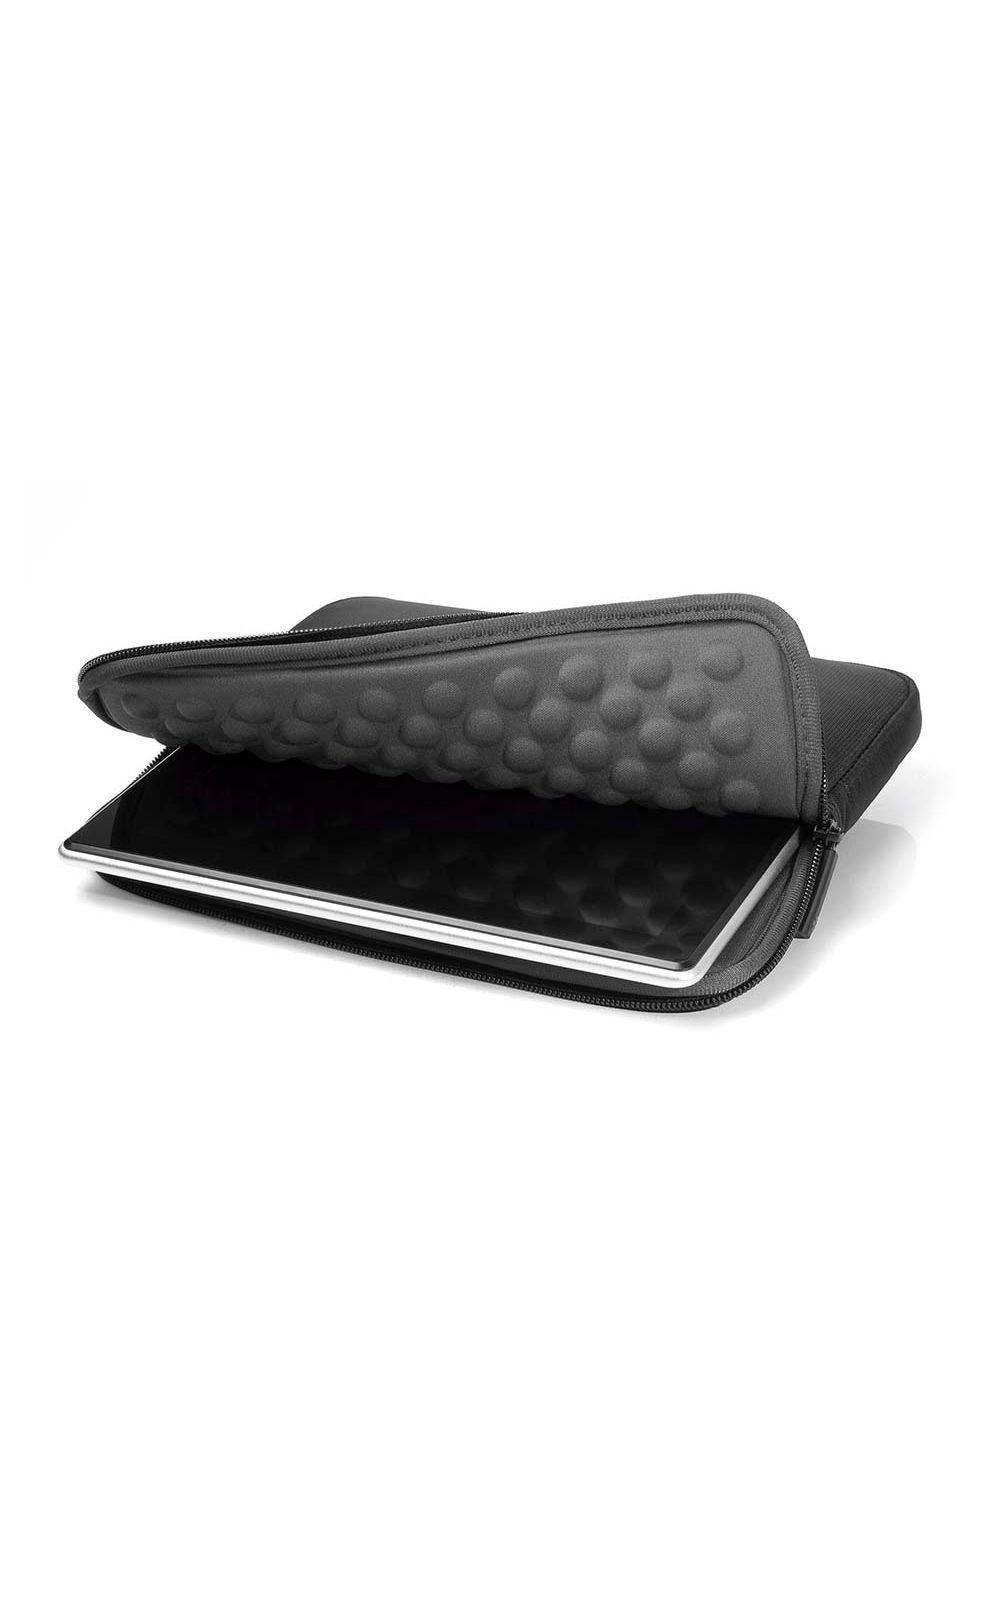 Foto 3 - Case Nylon Multilaser para Tablet e Netbook Dupla Camada Ate 10Pol - BO302